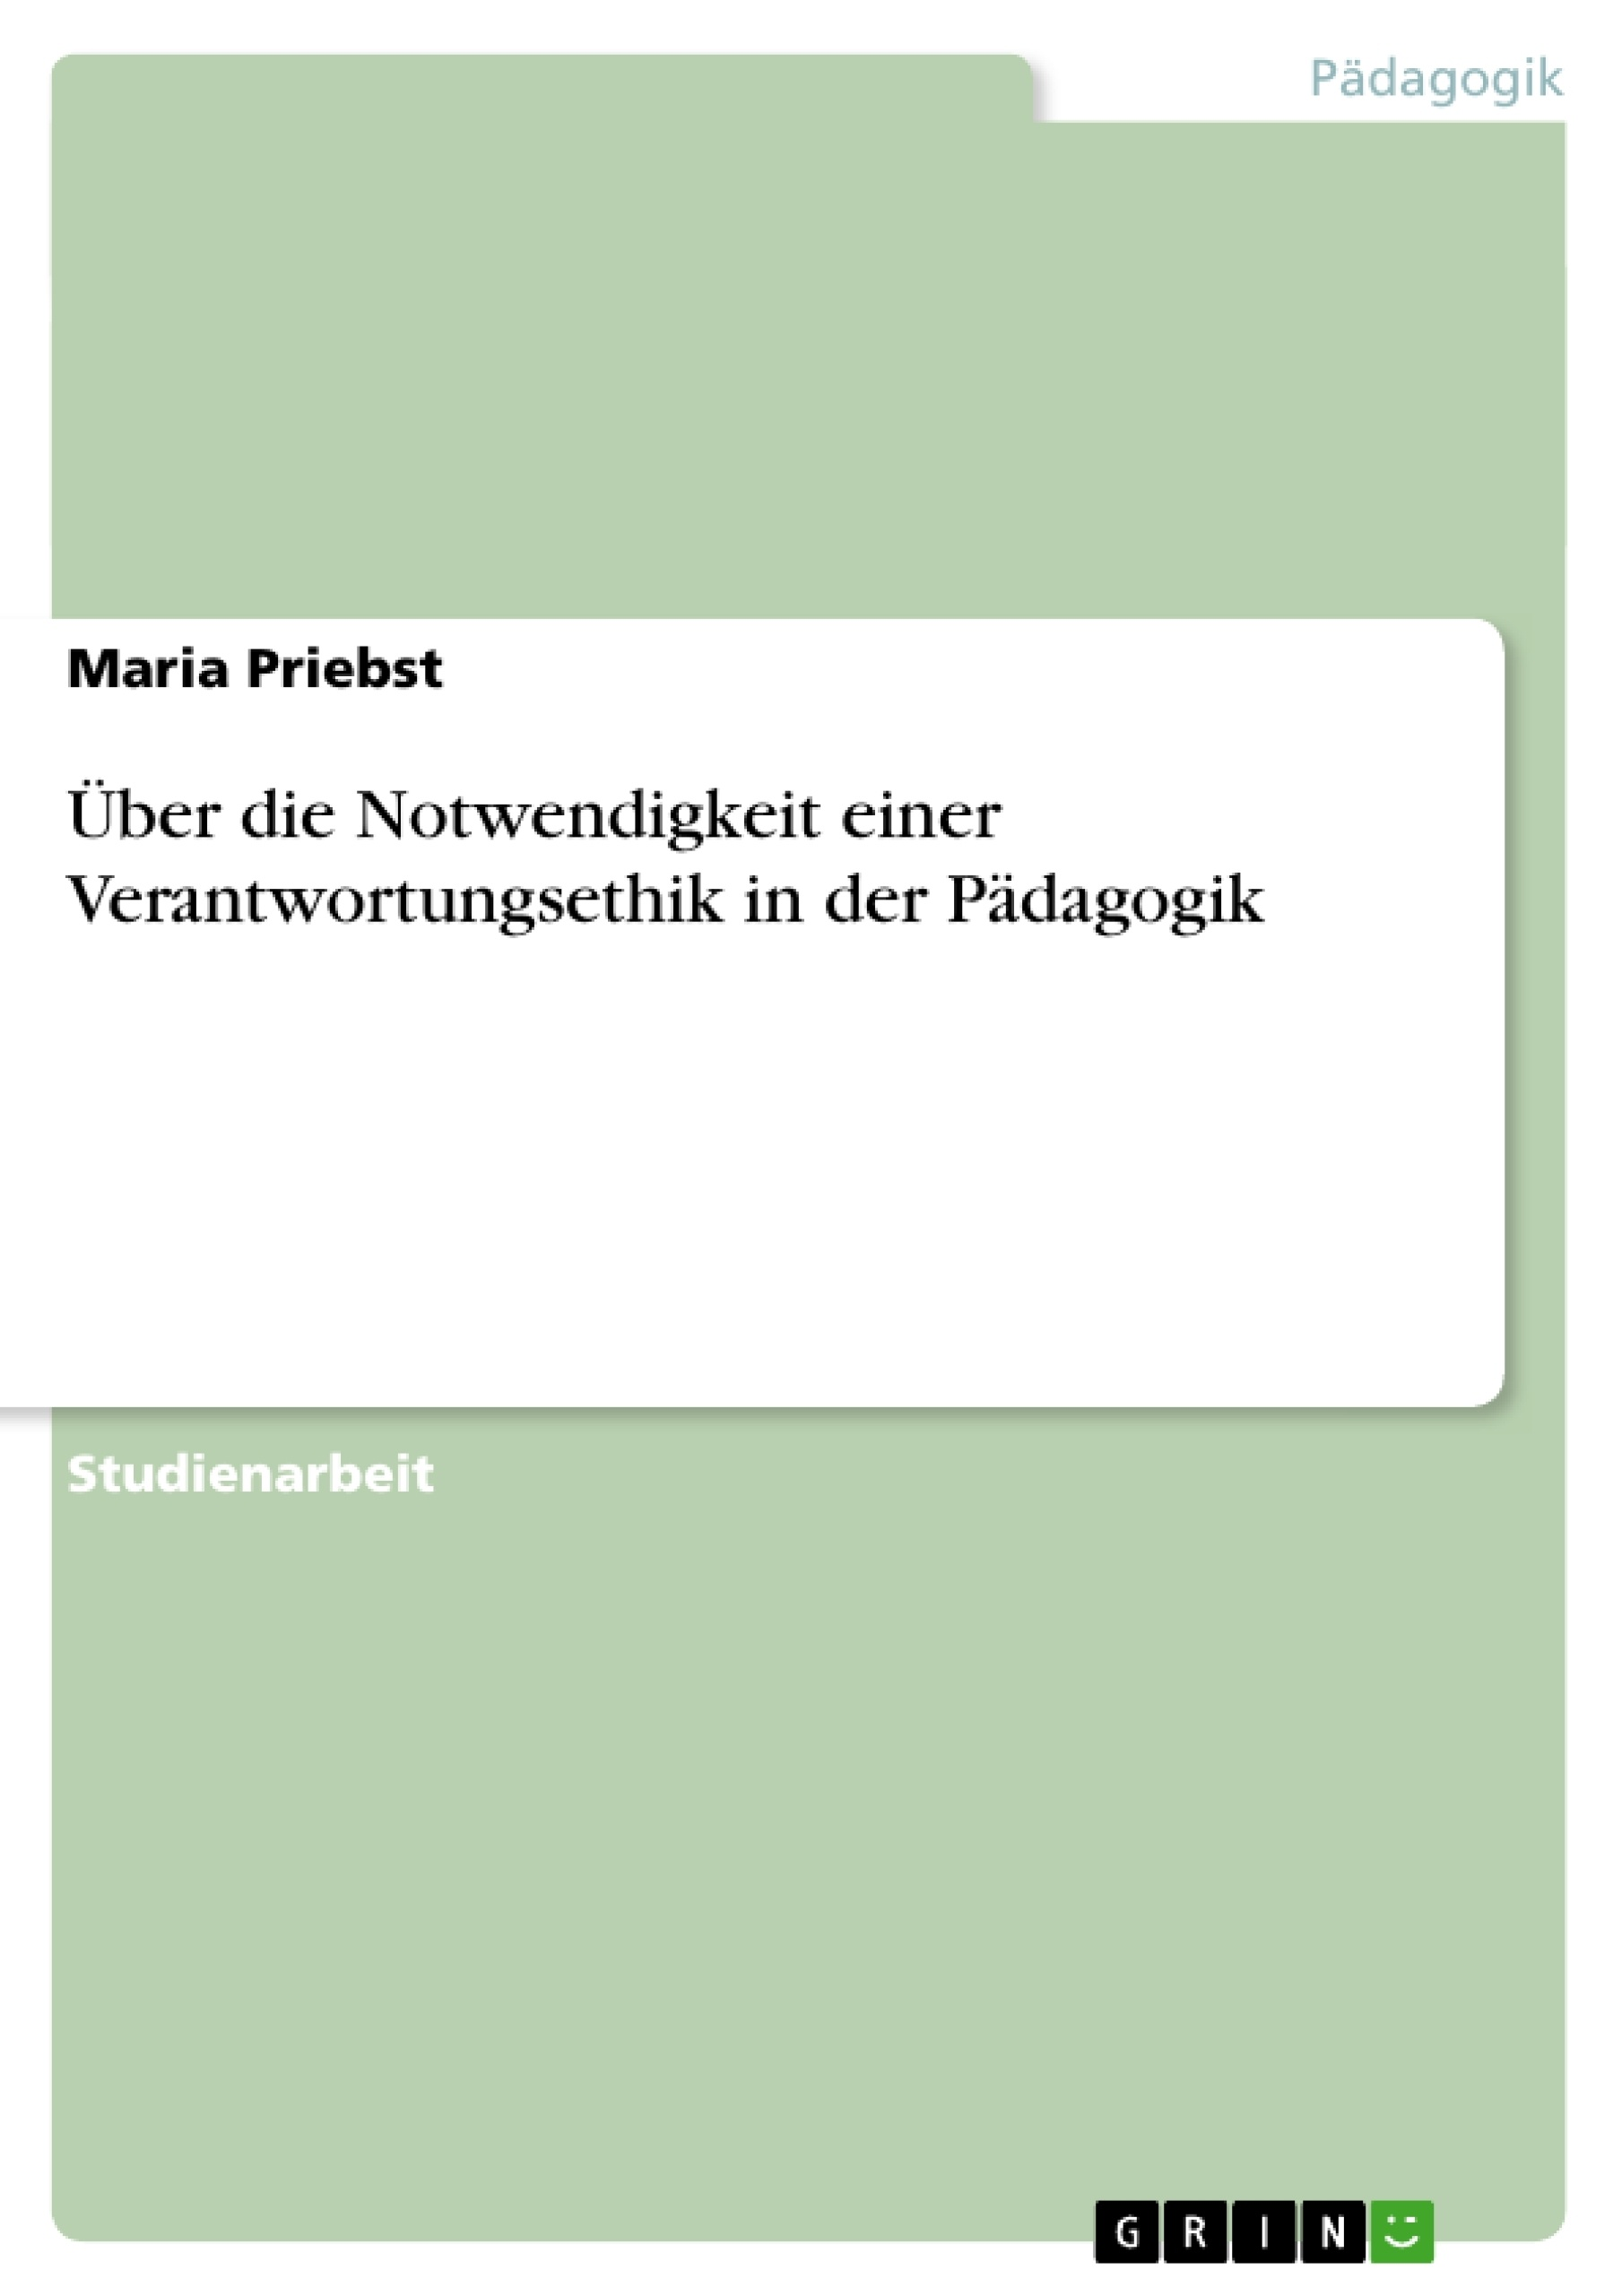 Titel: Über die Notwendigkeit einer Verantwortungsethik in der Pädagogik